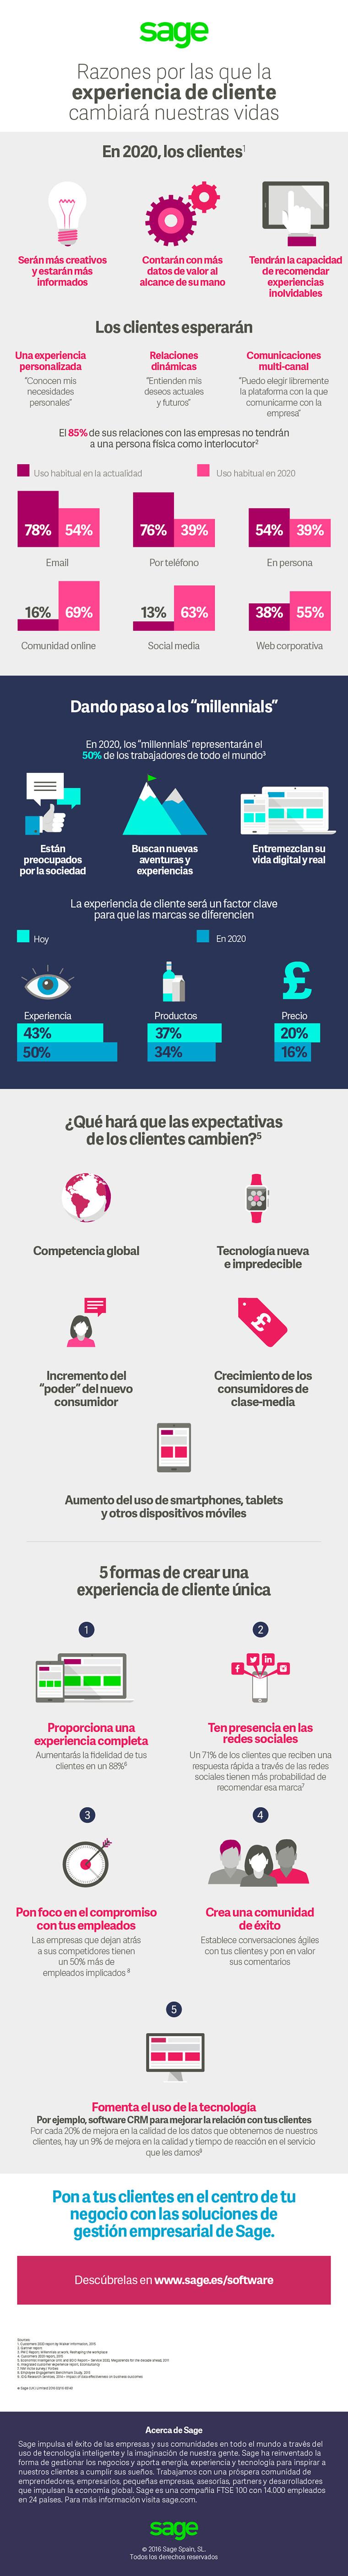 Cómo la Experiencia de Cliente cambiará nuestras vidas #infografia #infographic #marketing